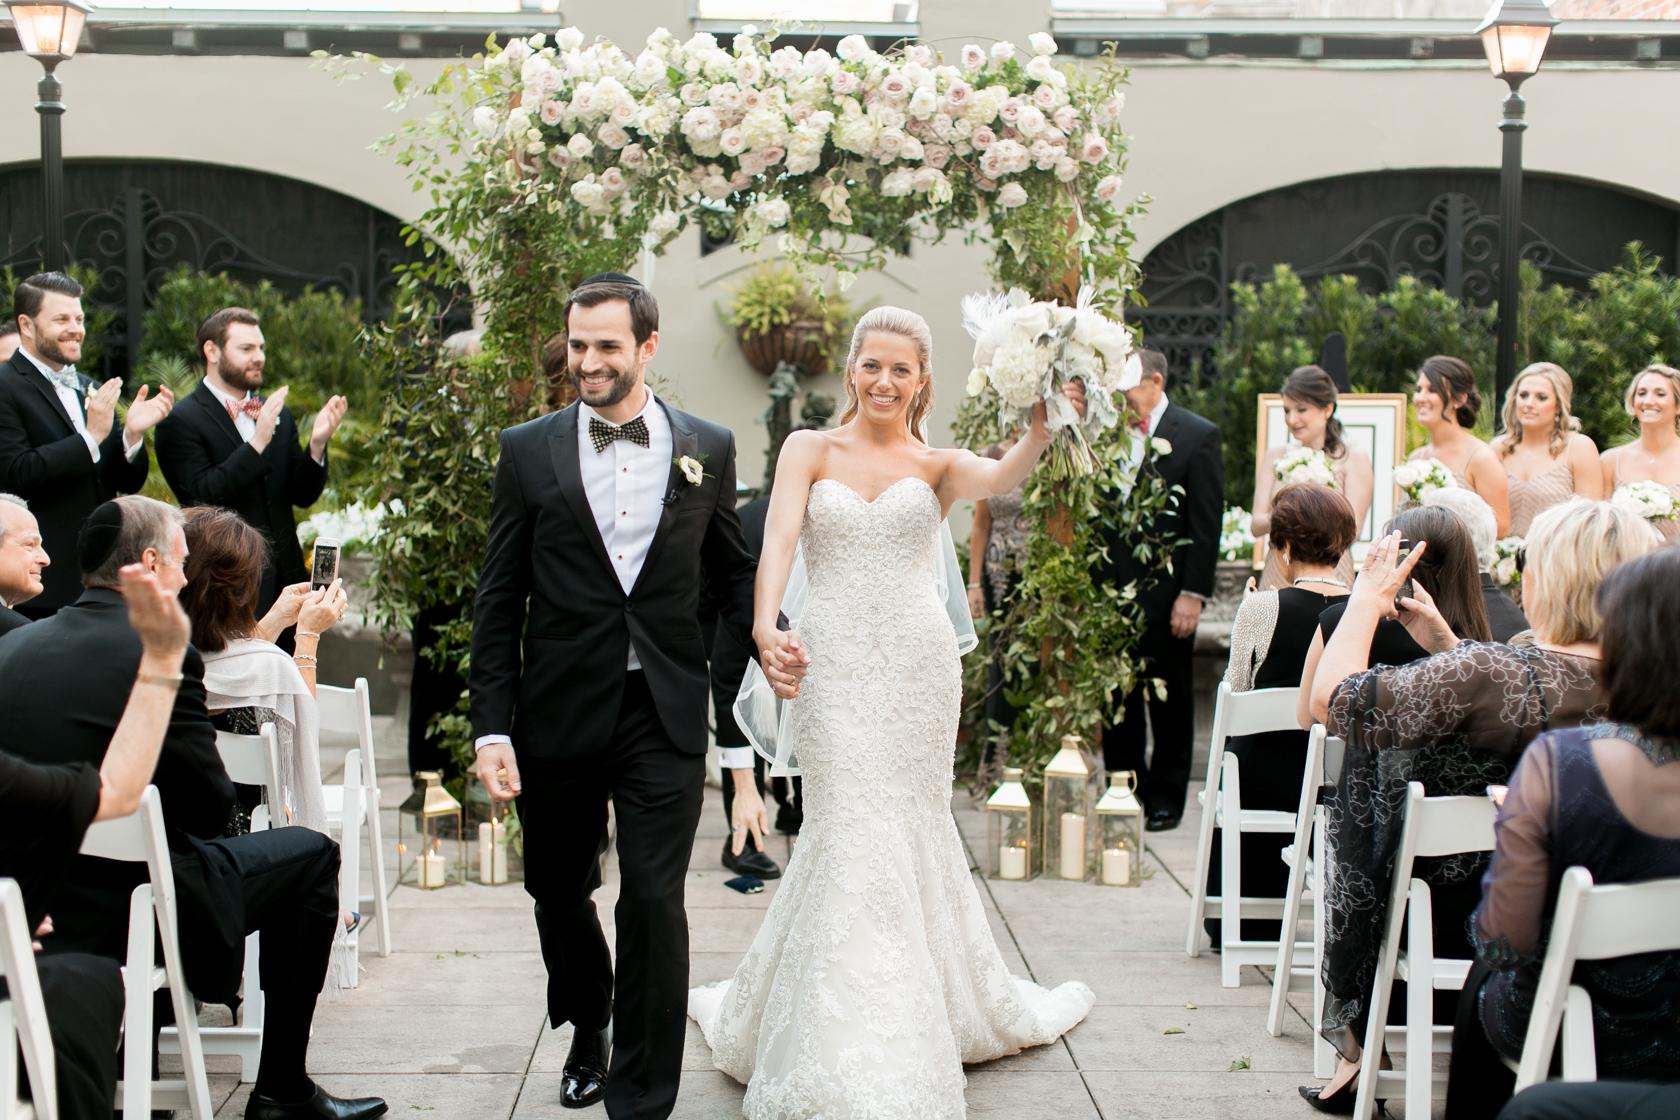 omni royal orleans courtyard wedding ceremony 05